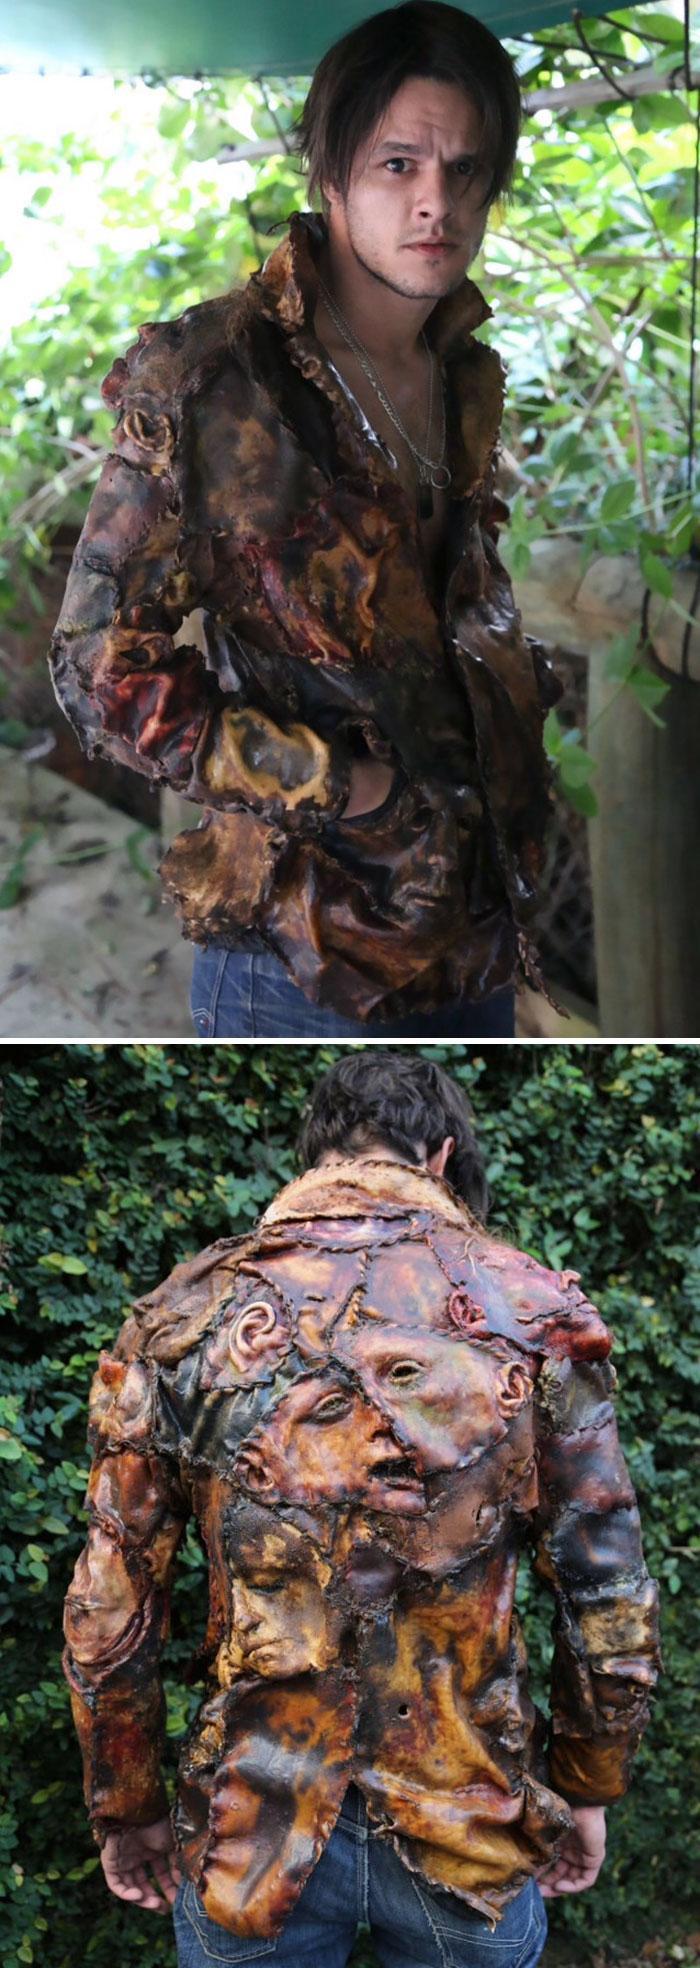 Scarono briesmīgo darbu... Autors: Zibenzellis69 Šī ir visbriesmīgākā un neglītākā apģērbu un aksesuāru kolekcija